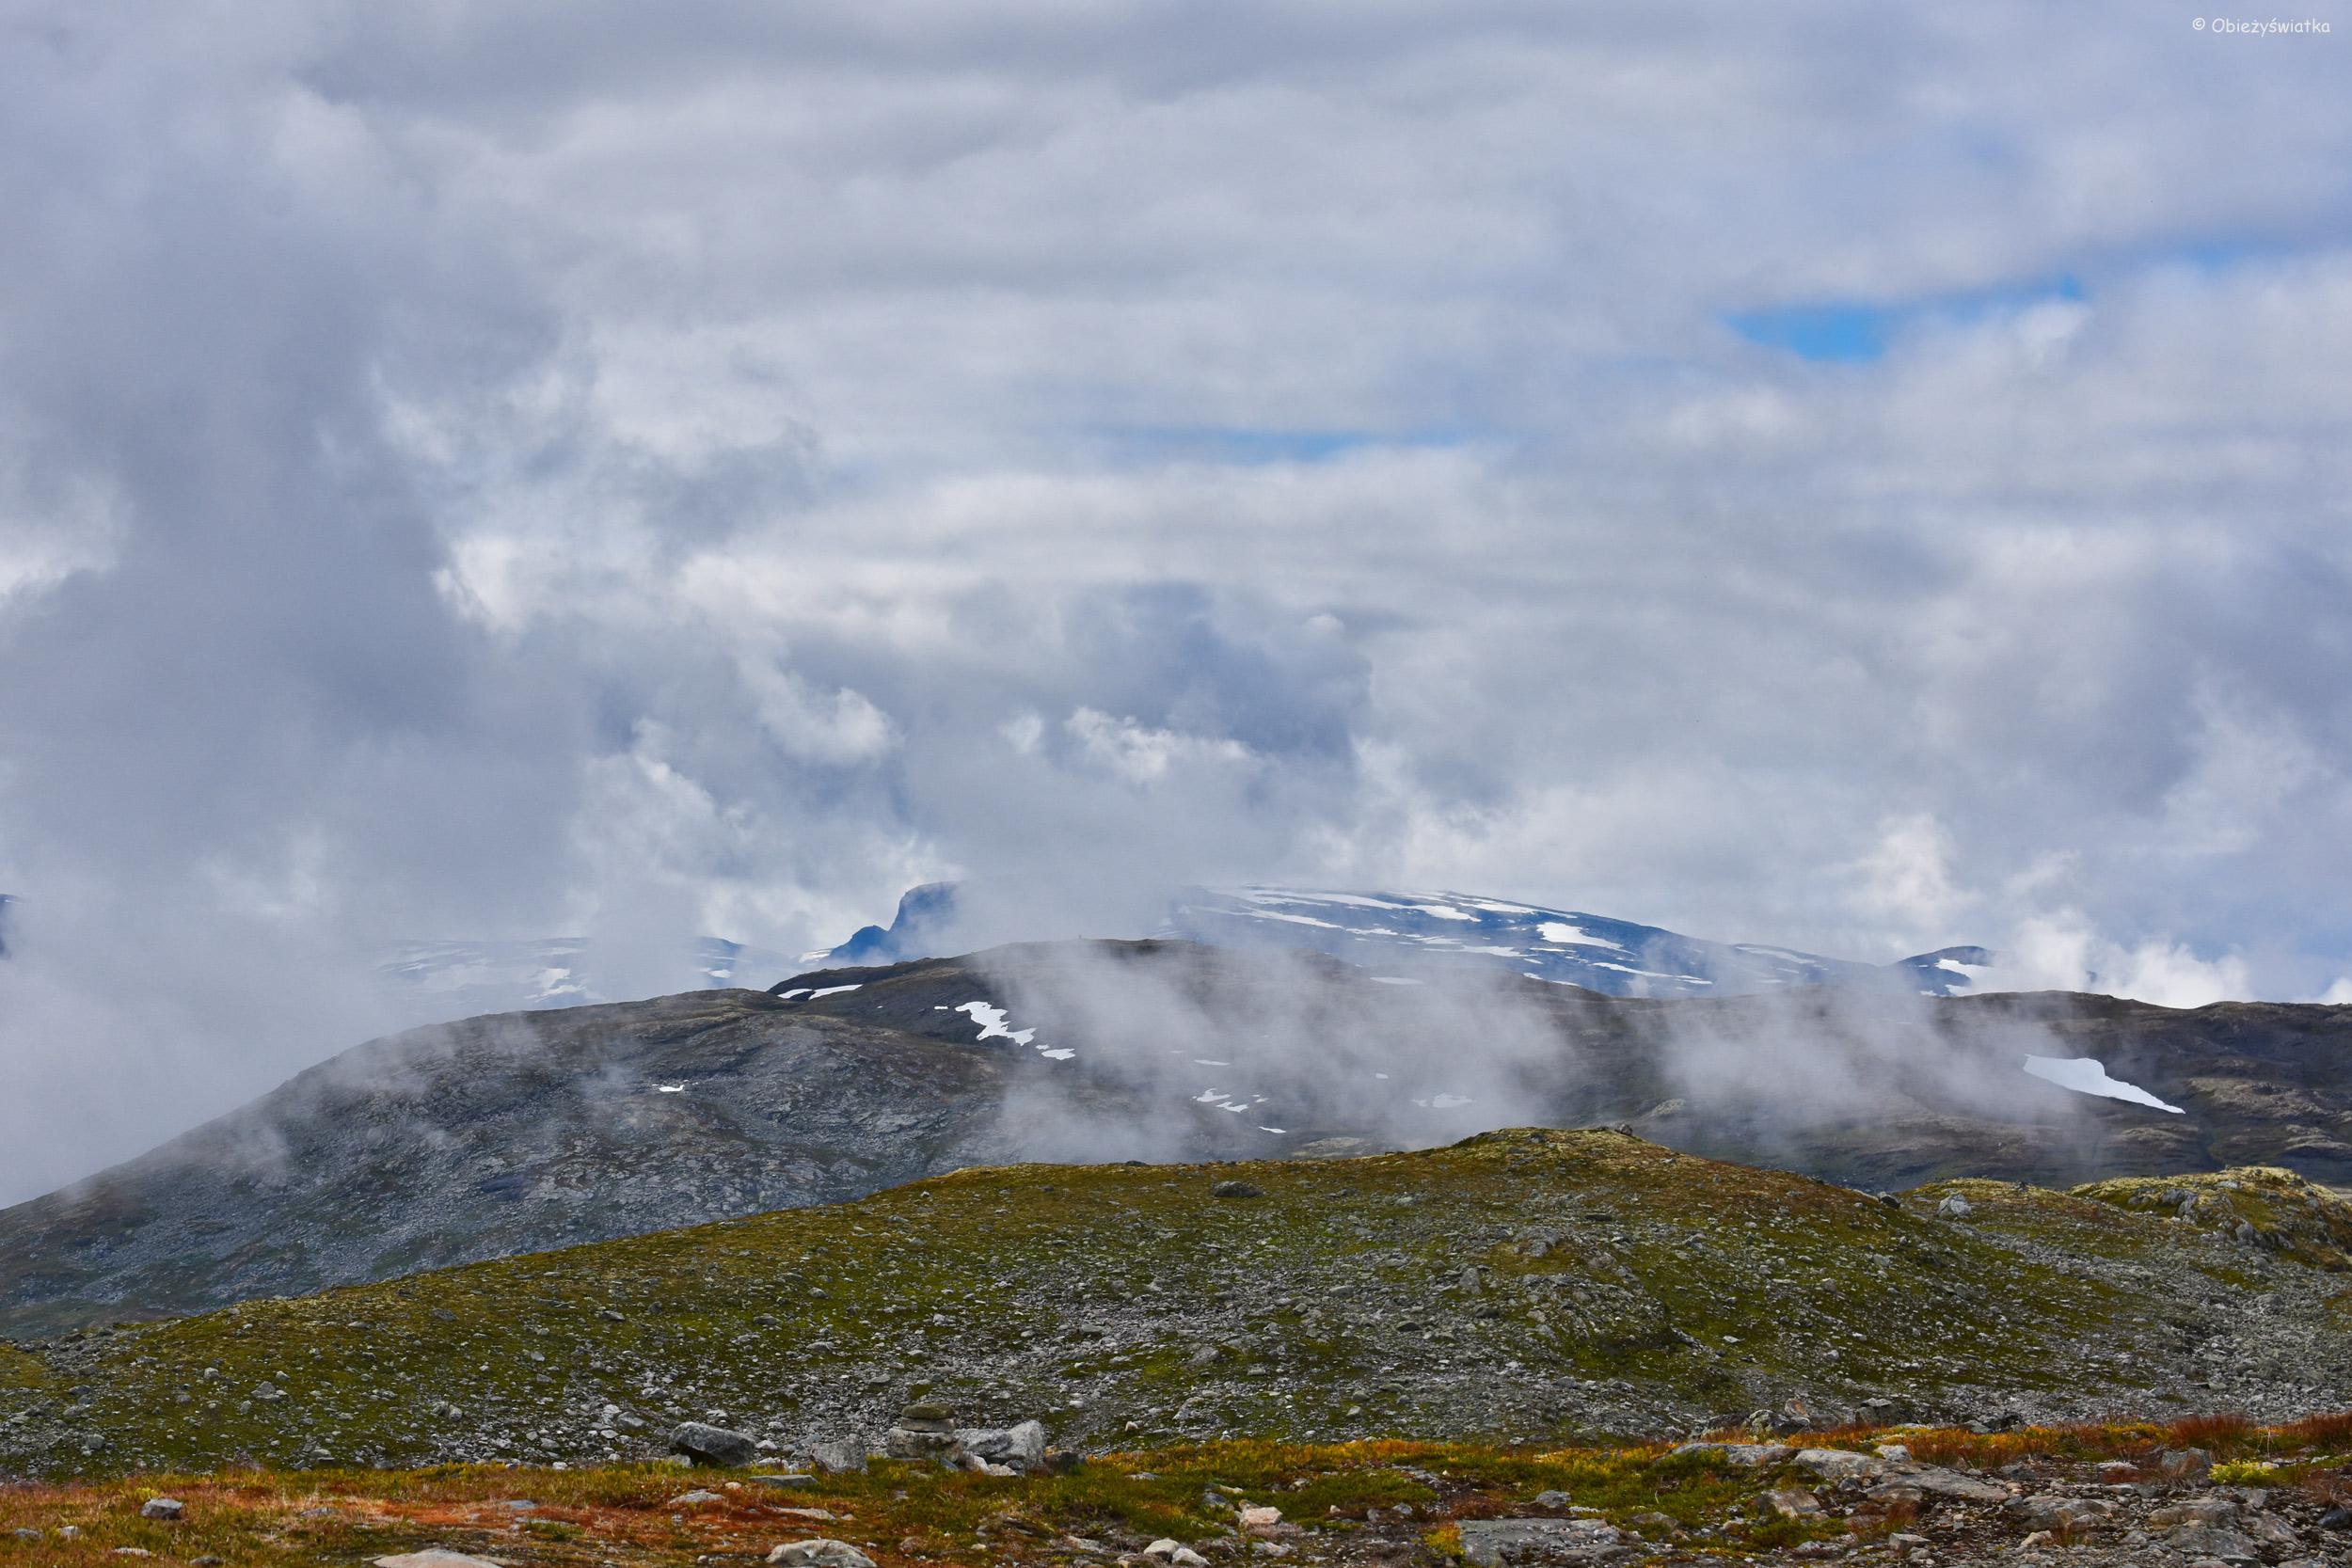 Góry, chmury i puste przestrzenie...